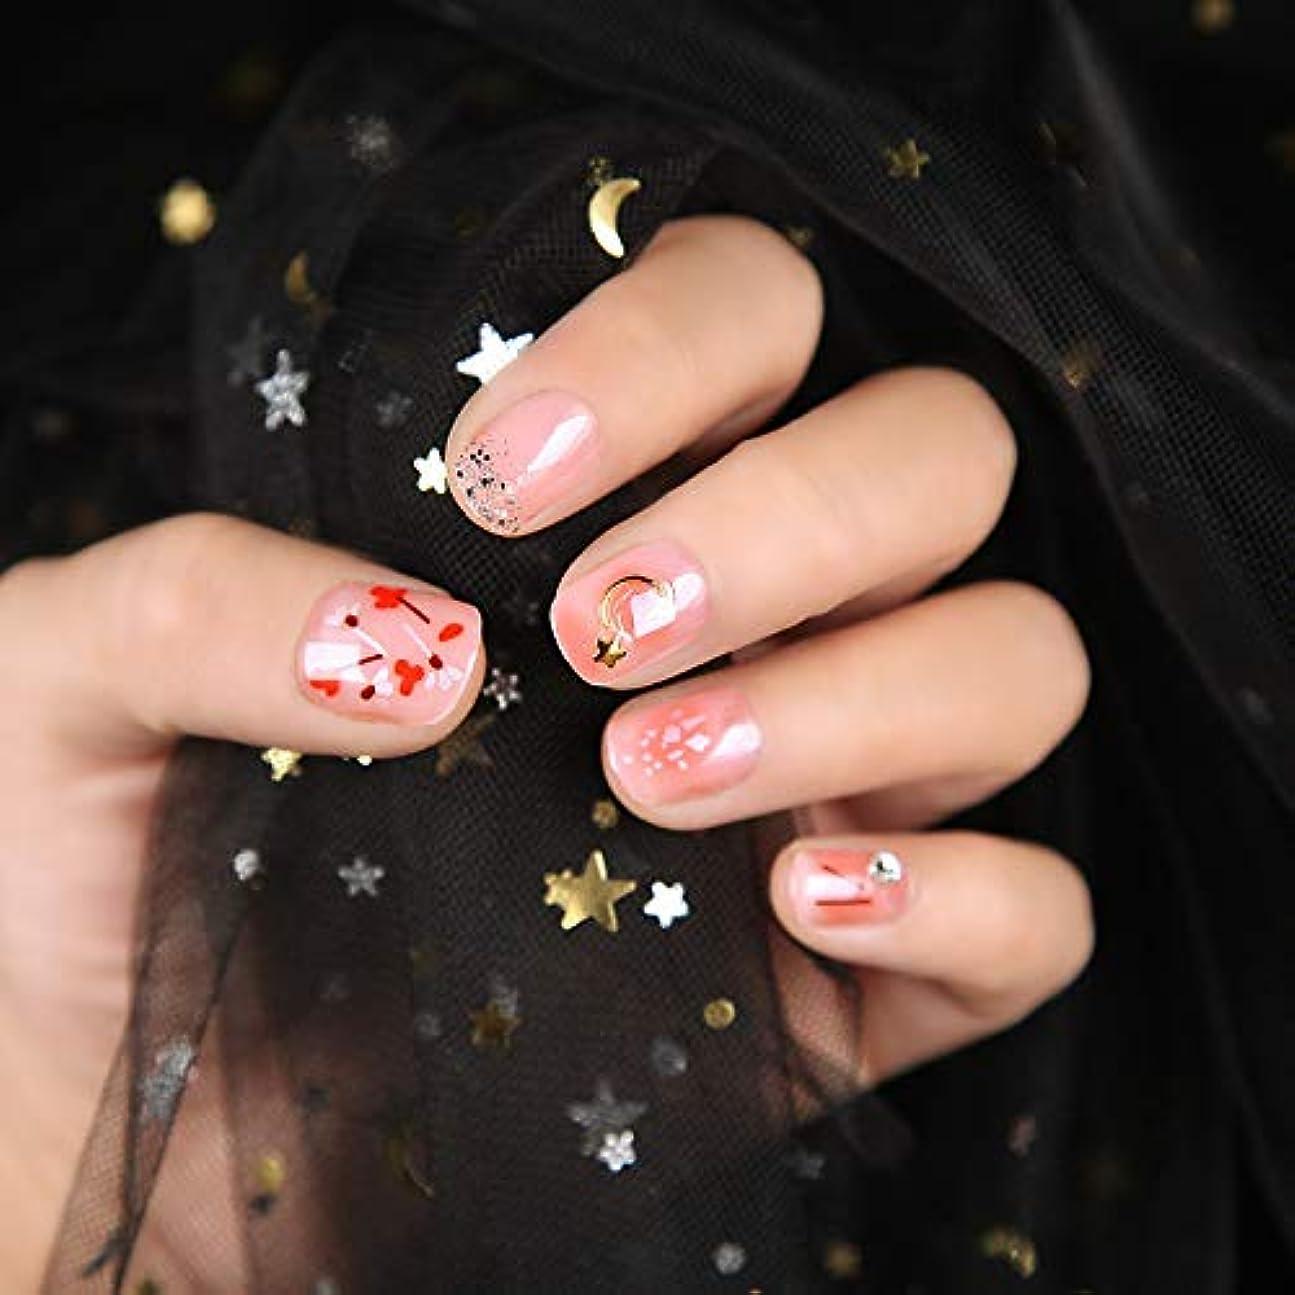 リスク趣味のり乙女 感じる 3D メタルデコレーション 美しい銀粉 星と月 24pcs 花嫁のネイルチップ